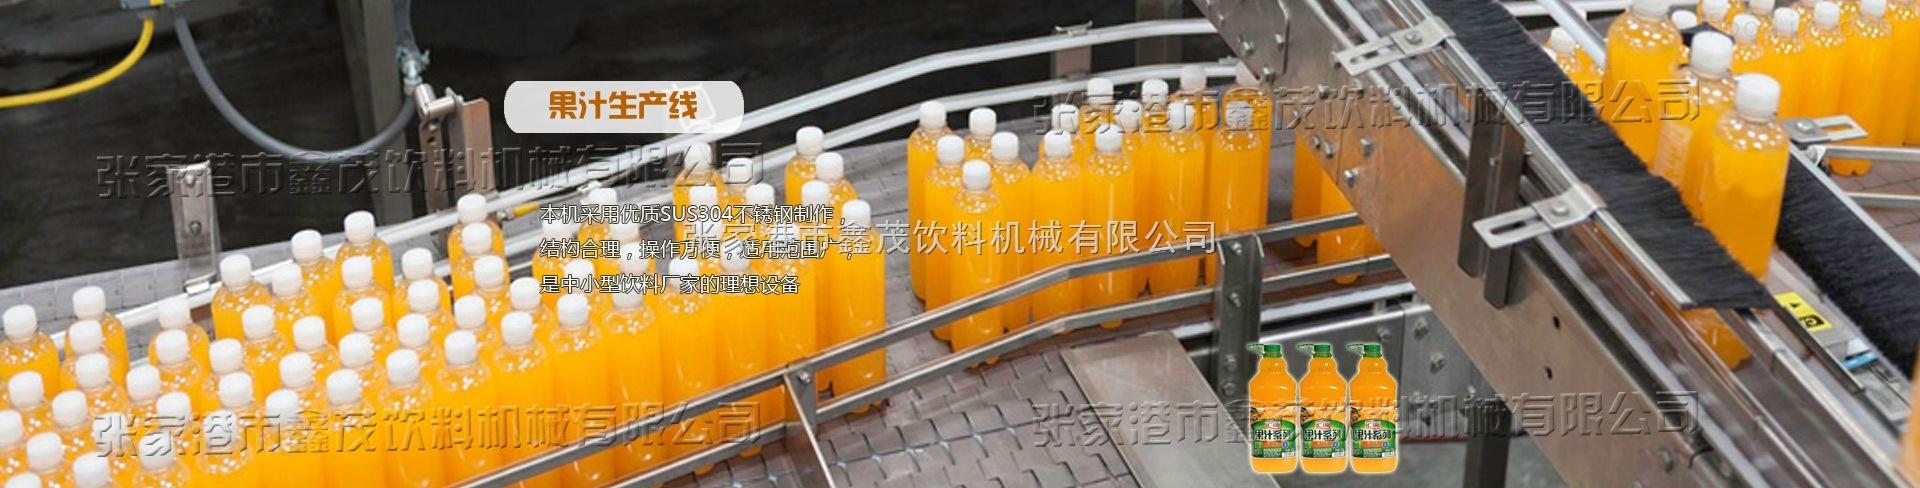 专业生产果汁设备整线报价